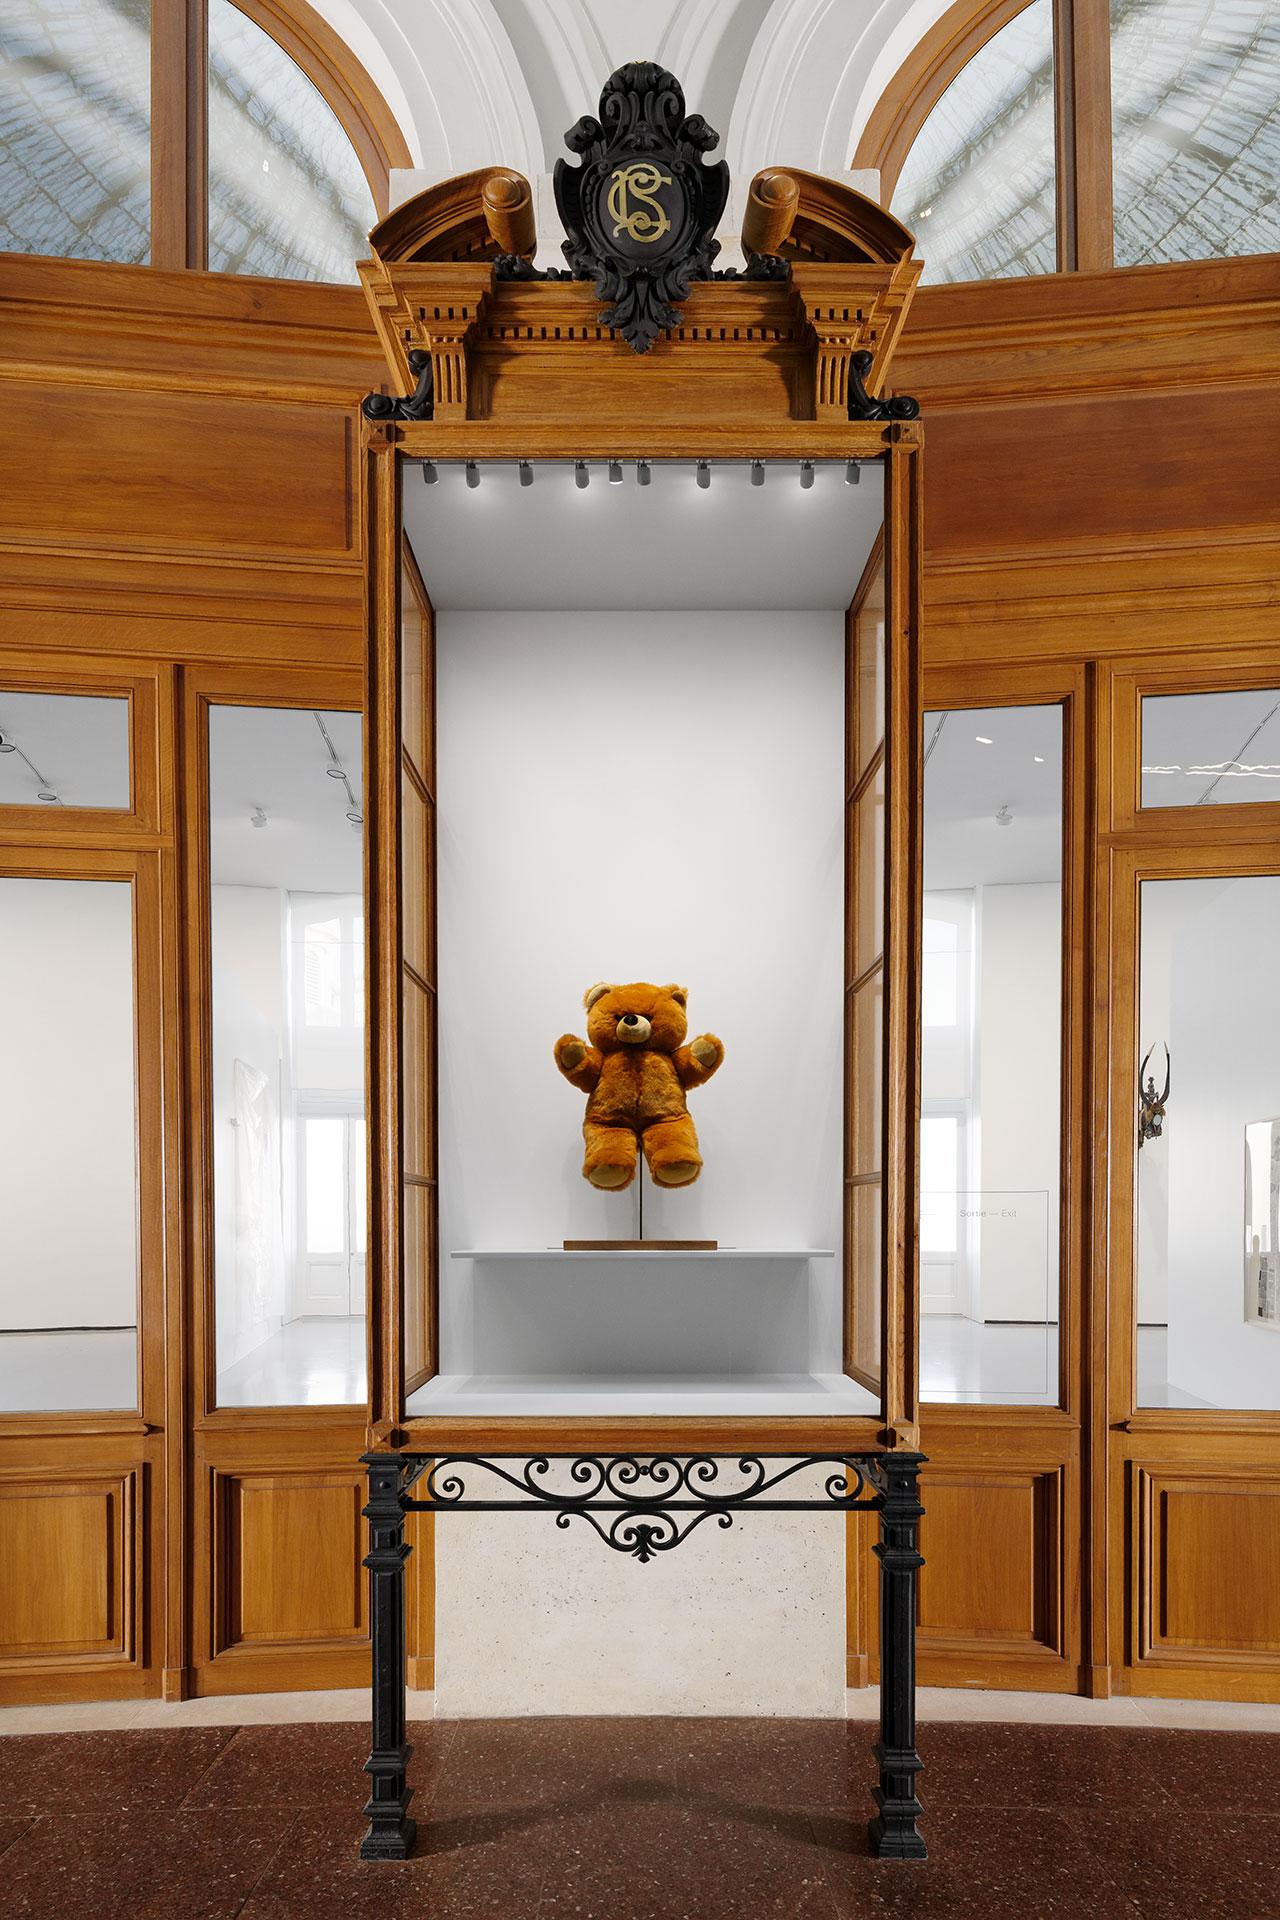 Bertrand Lavier, Teddy B, 2020. © Bertrand Lavier / ADAGP, Paris 2021. Exhibition views of Ouverture, Bourse de Commerce — Pinault Collection, Paris, 2021. Photo Aurélien Mole.